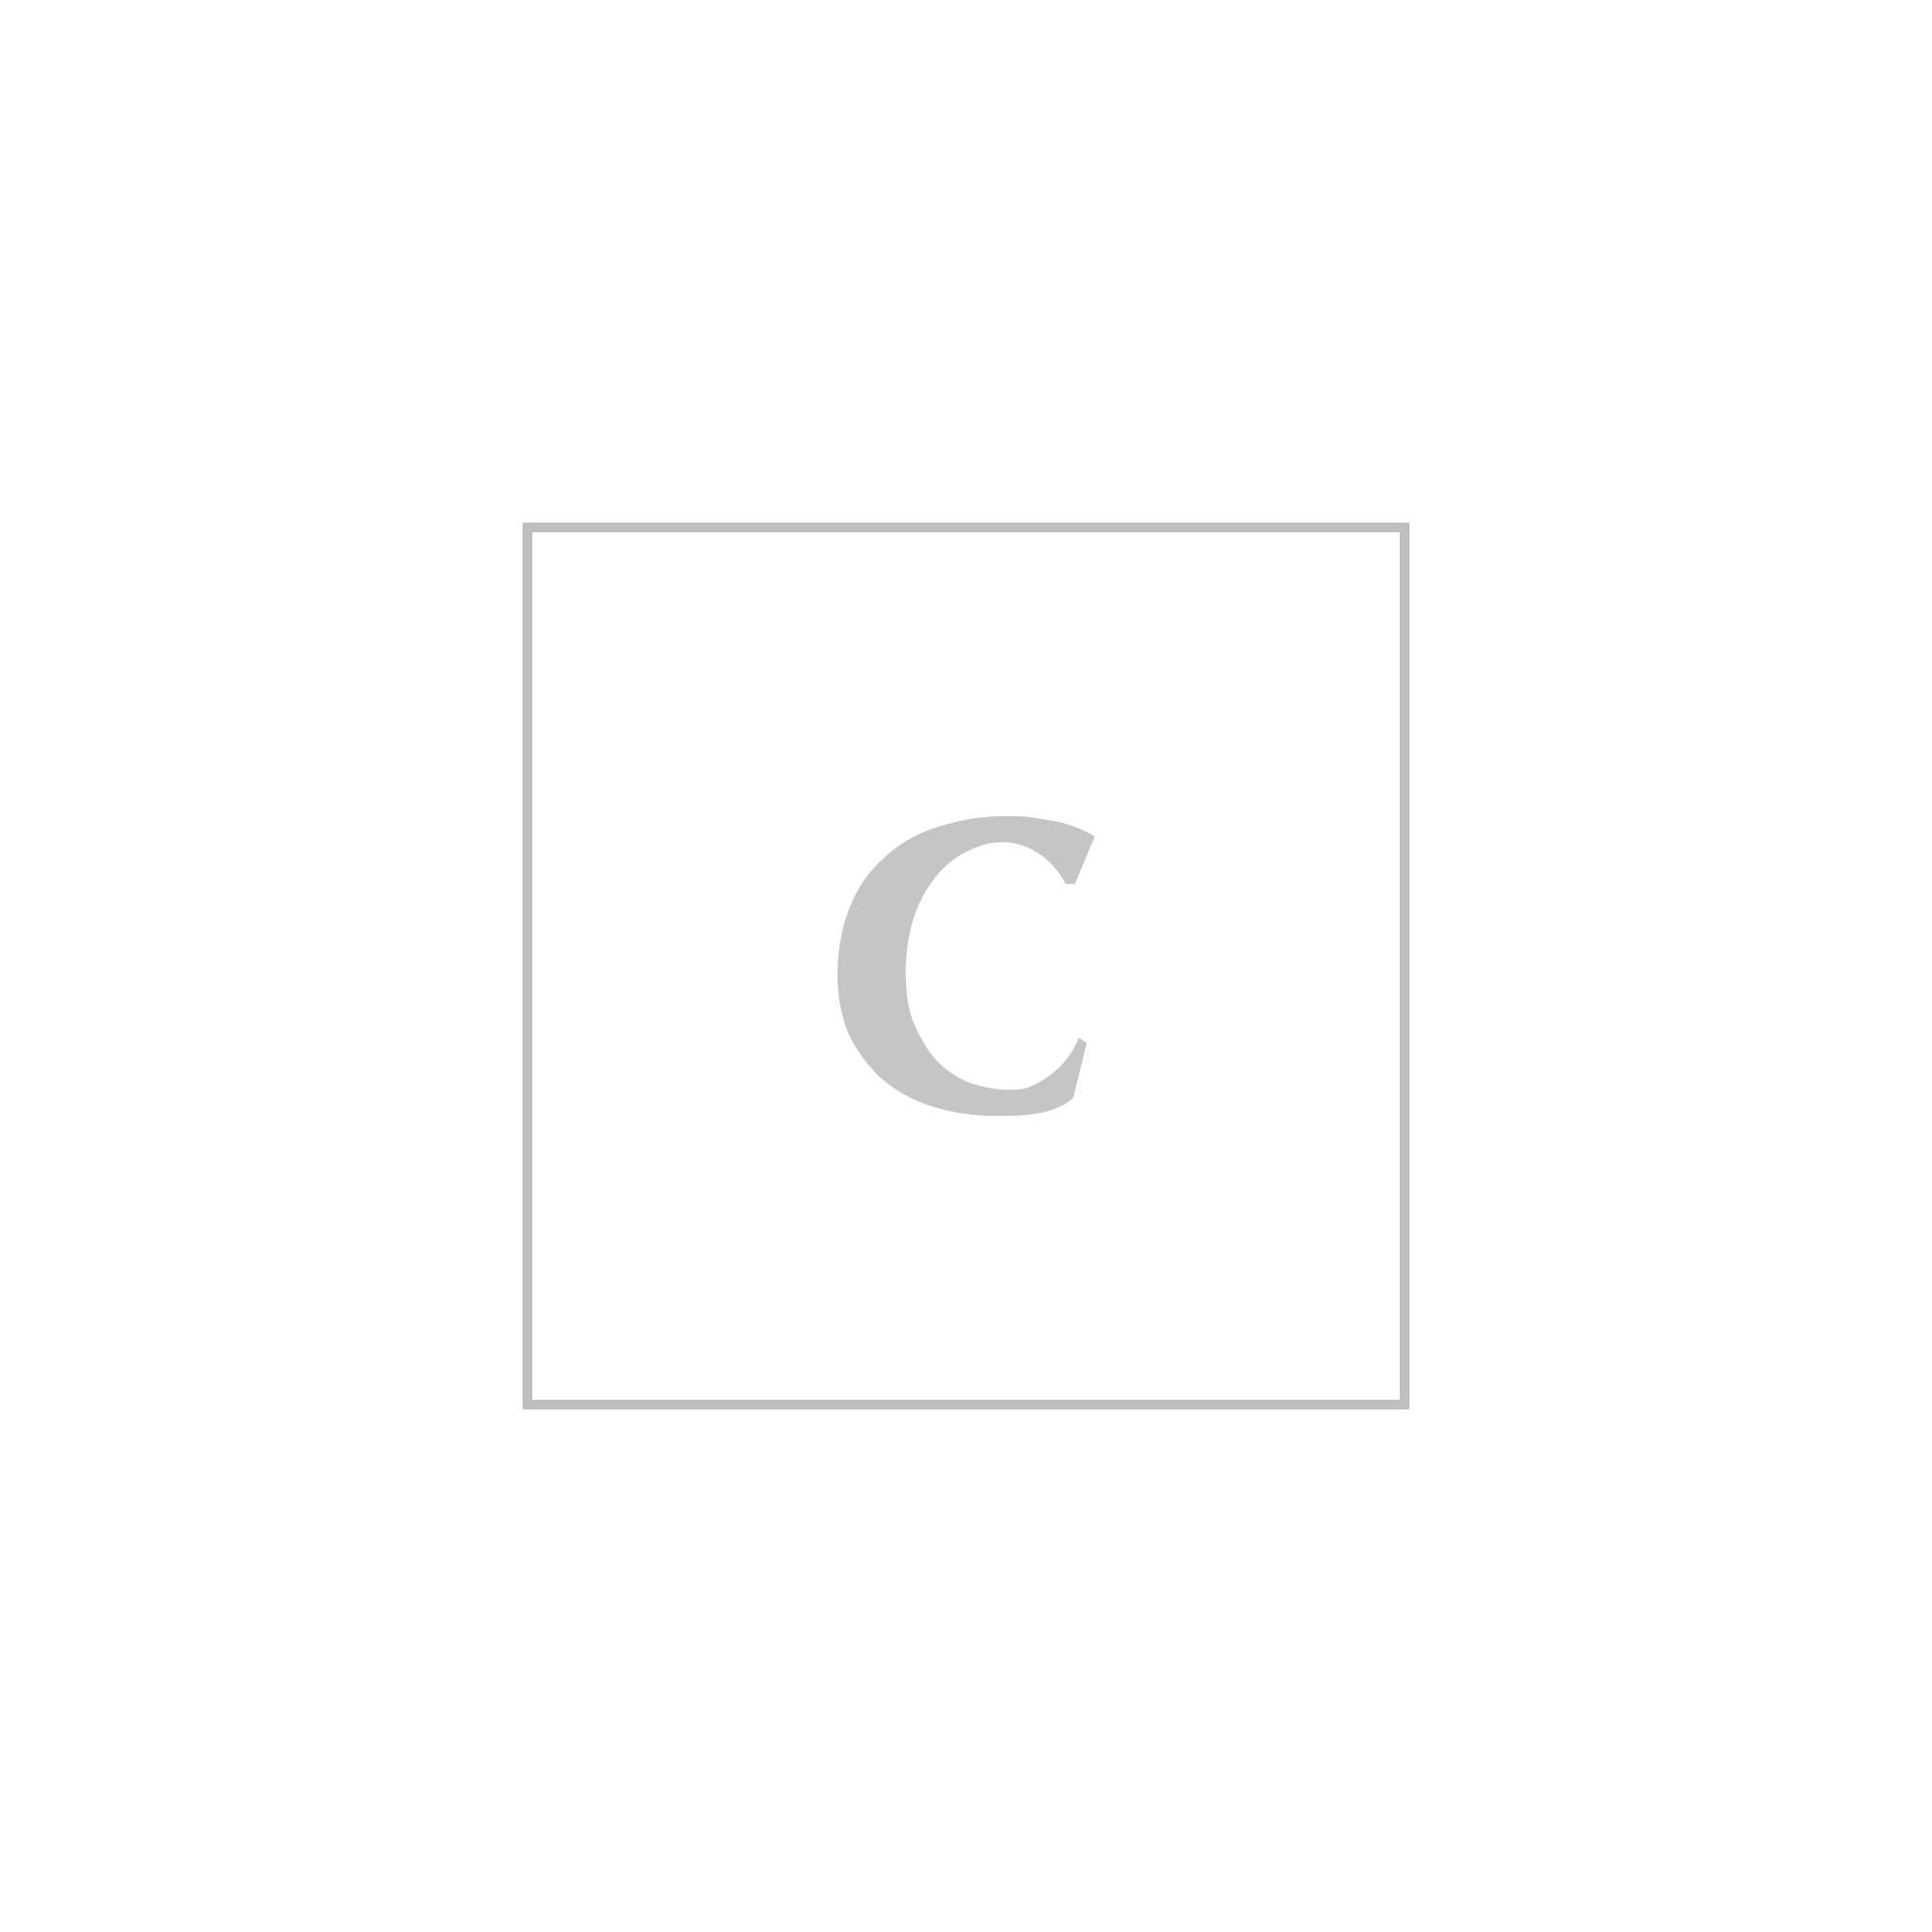 Dolce & gabbana zaino nylon stampa dauphine